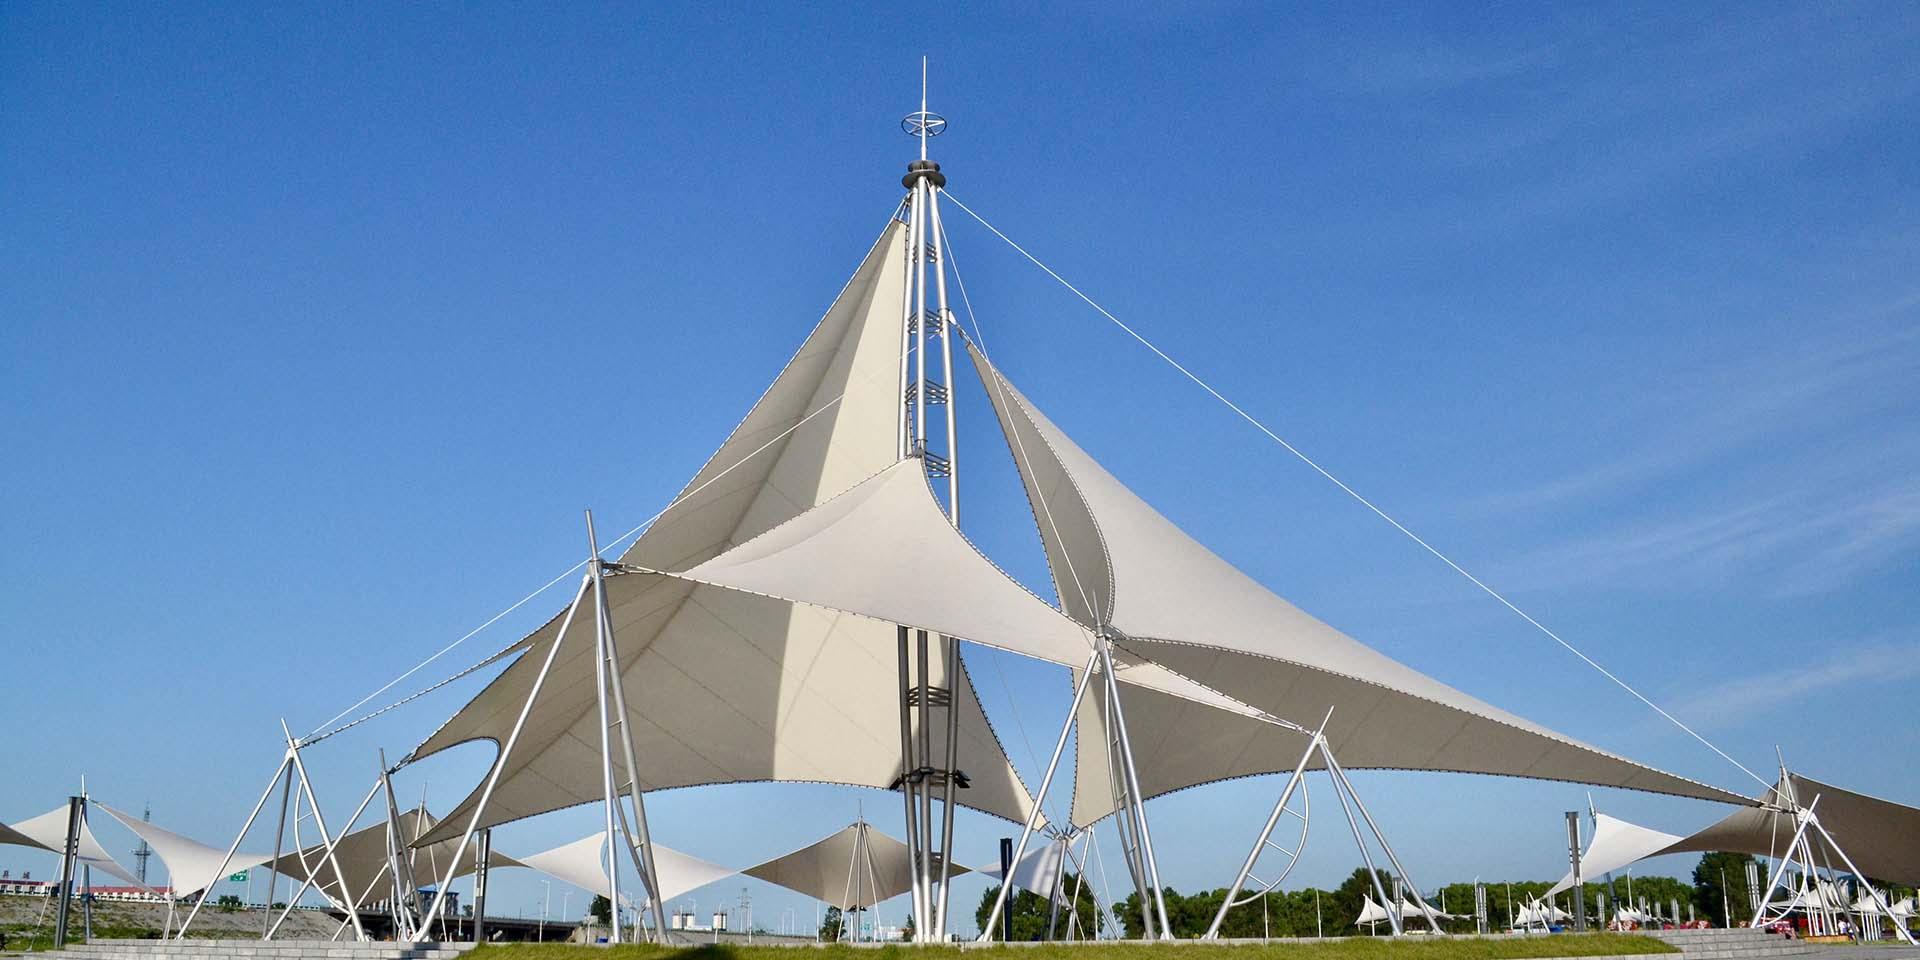 膜结构景观,膜结构停车棚,膜结构看台,青岛膜结构景观,青岛膜结构车棚,青岛膜结构看台